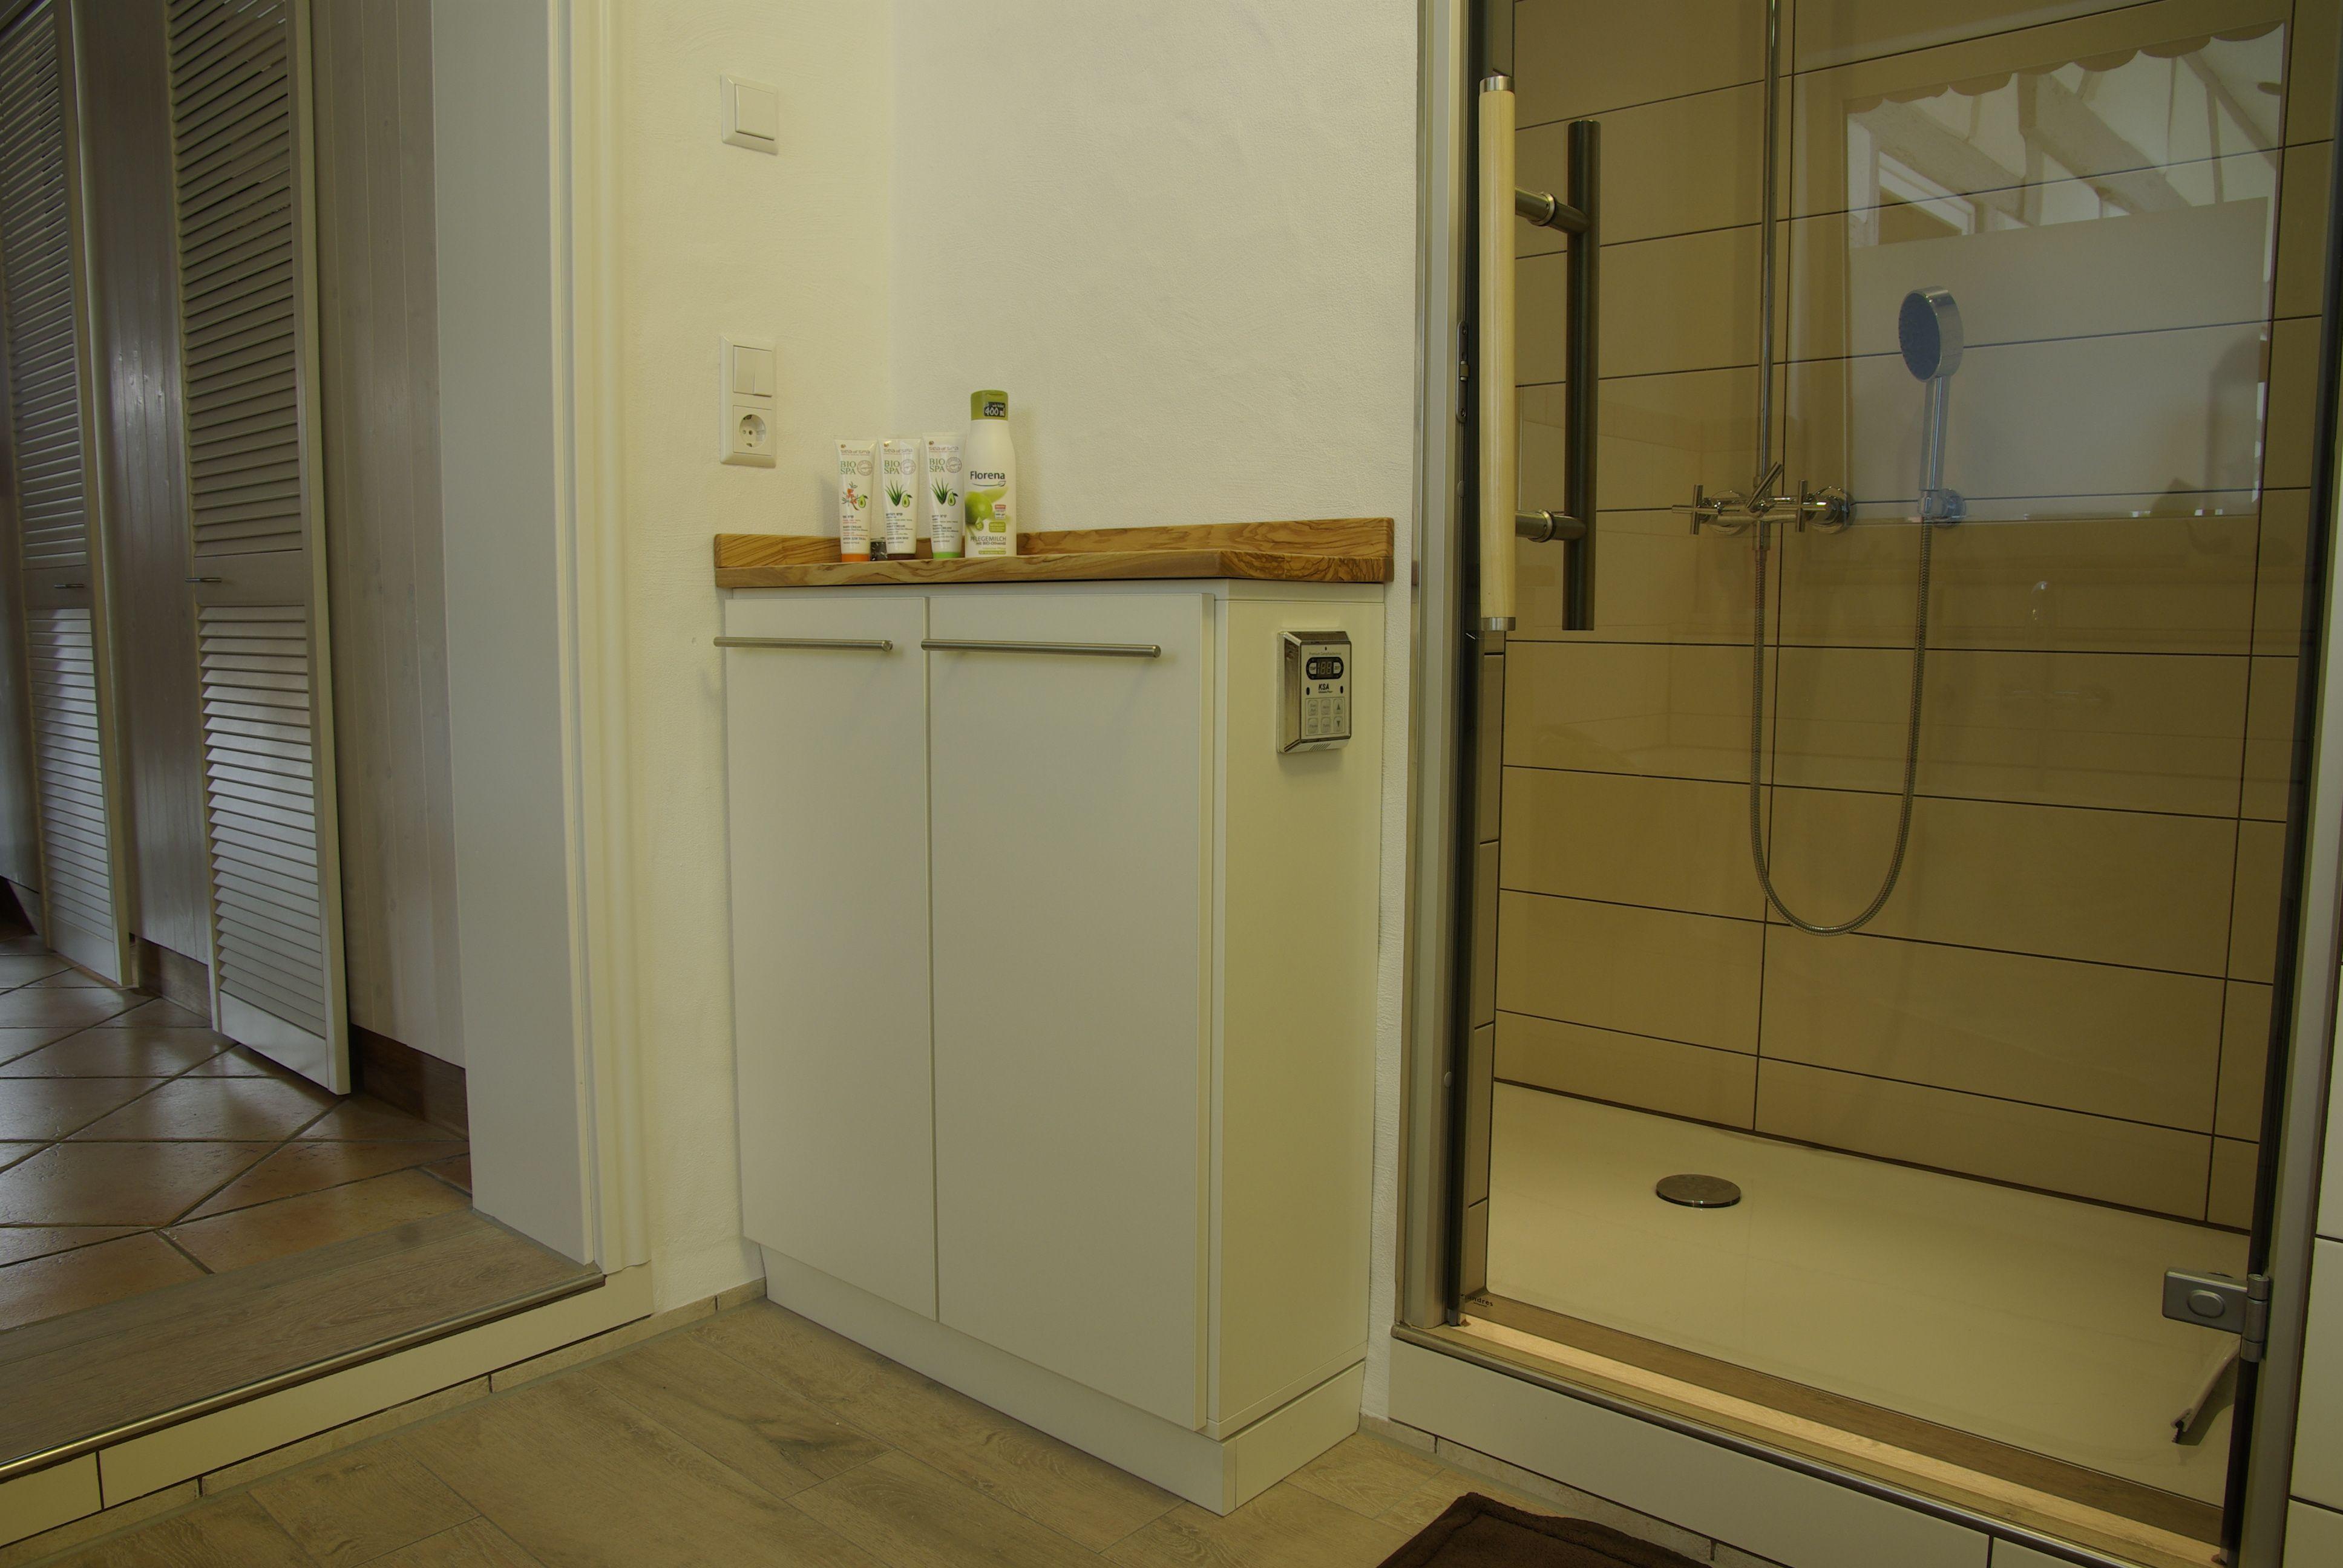 badezimmerschrank nach maß als praktisches staumöbel in der nische